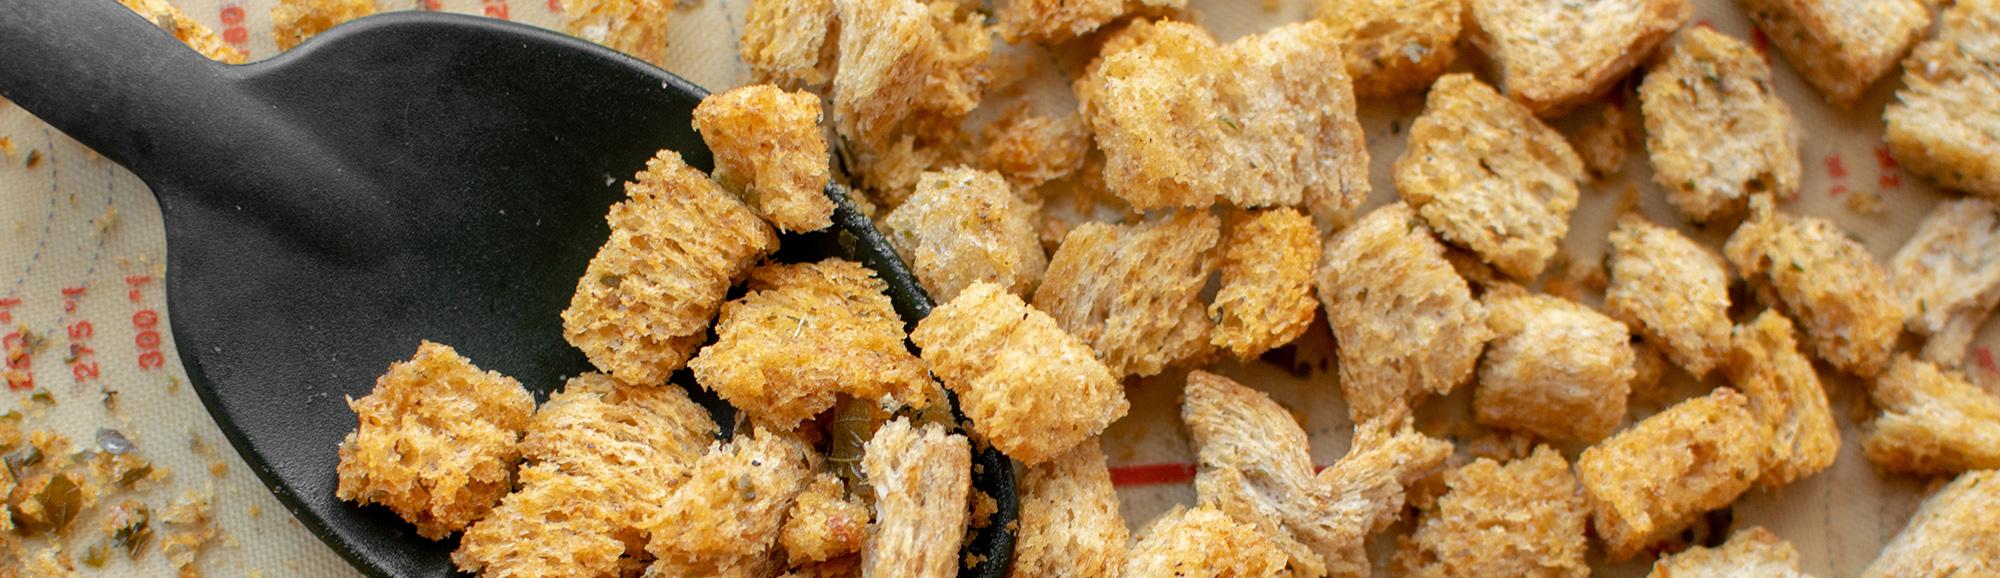 Recept voor zelfgemaakte croutons